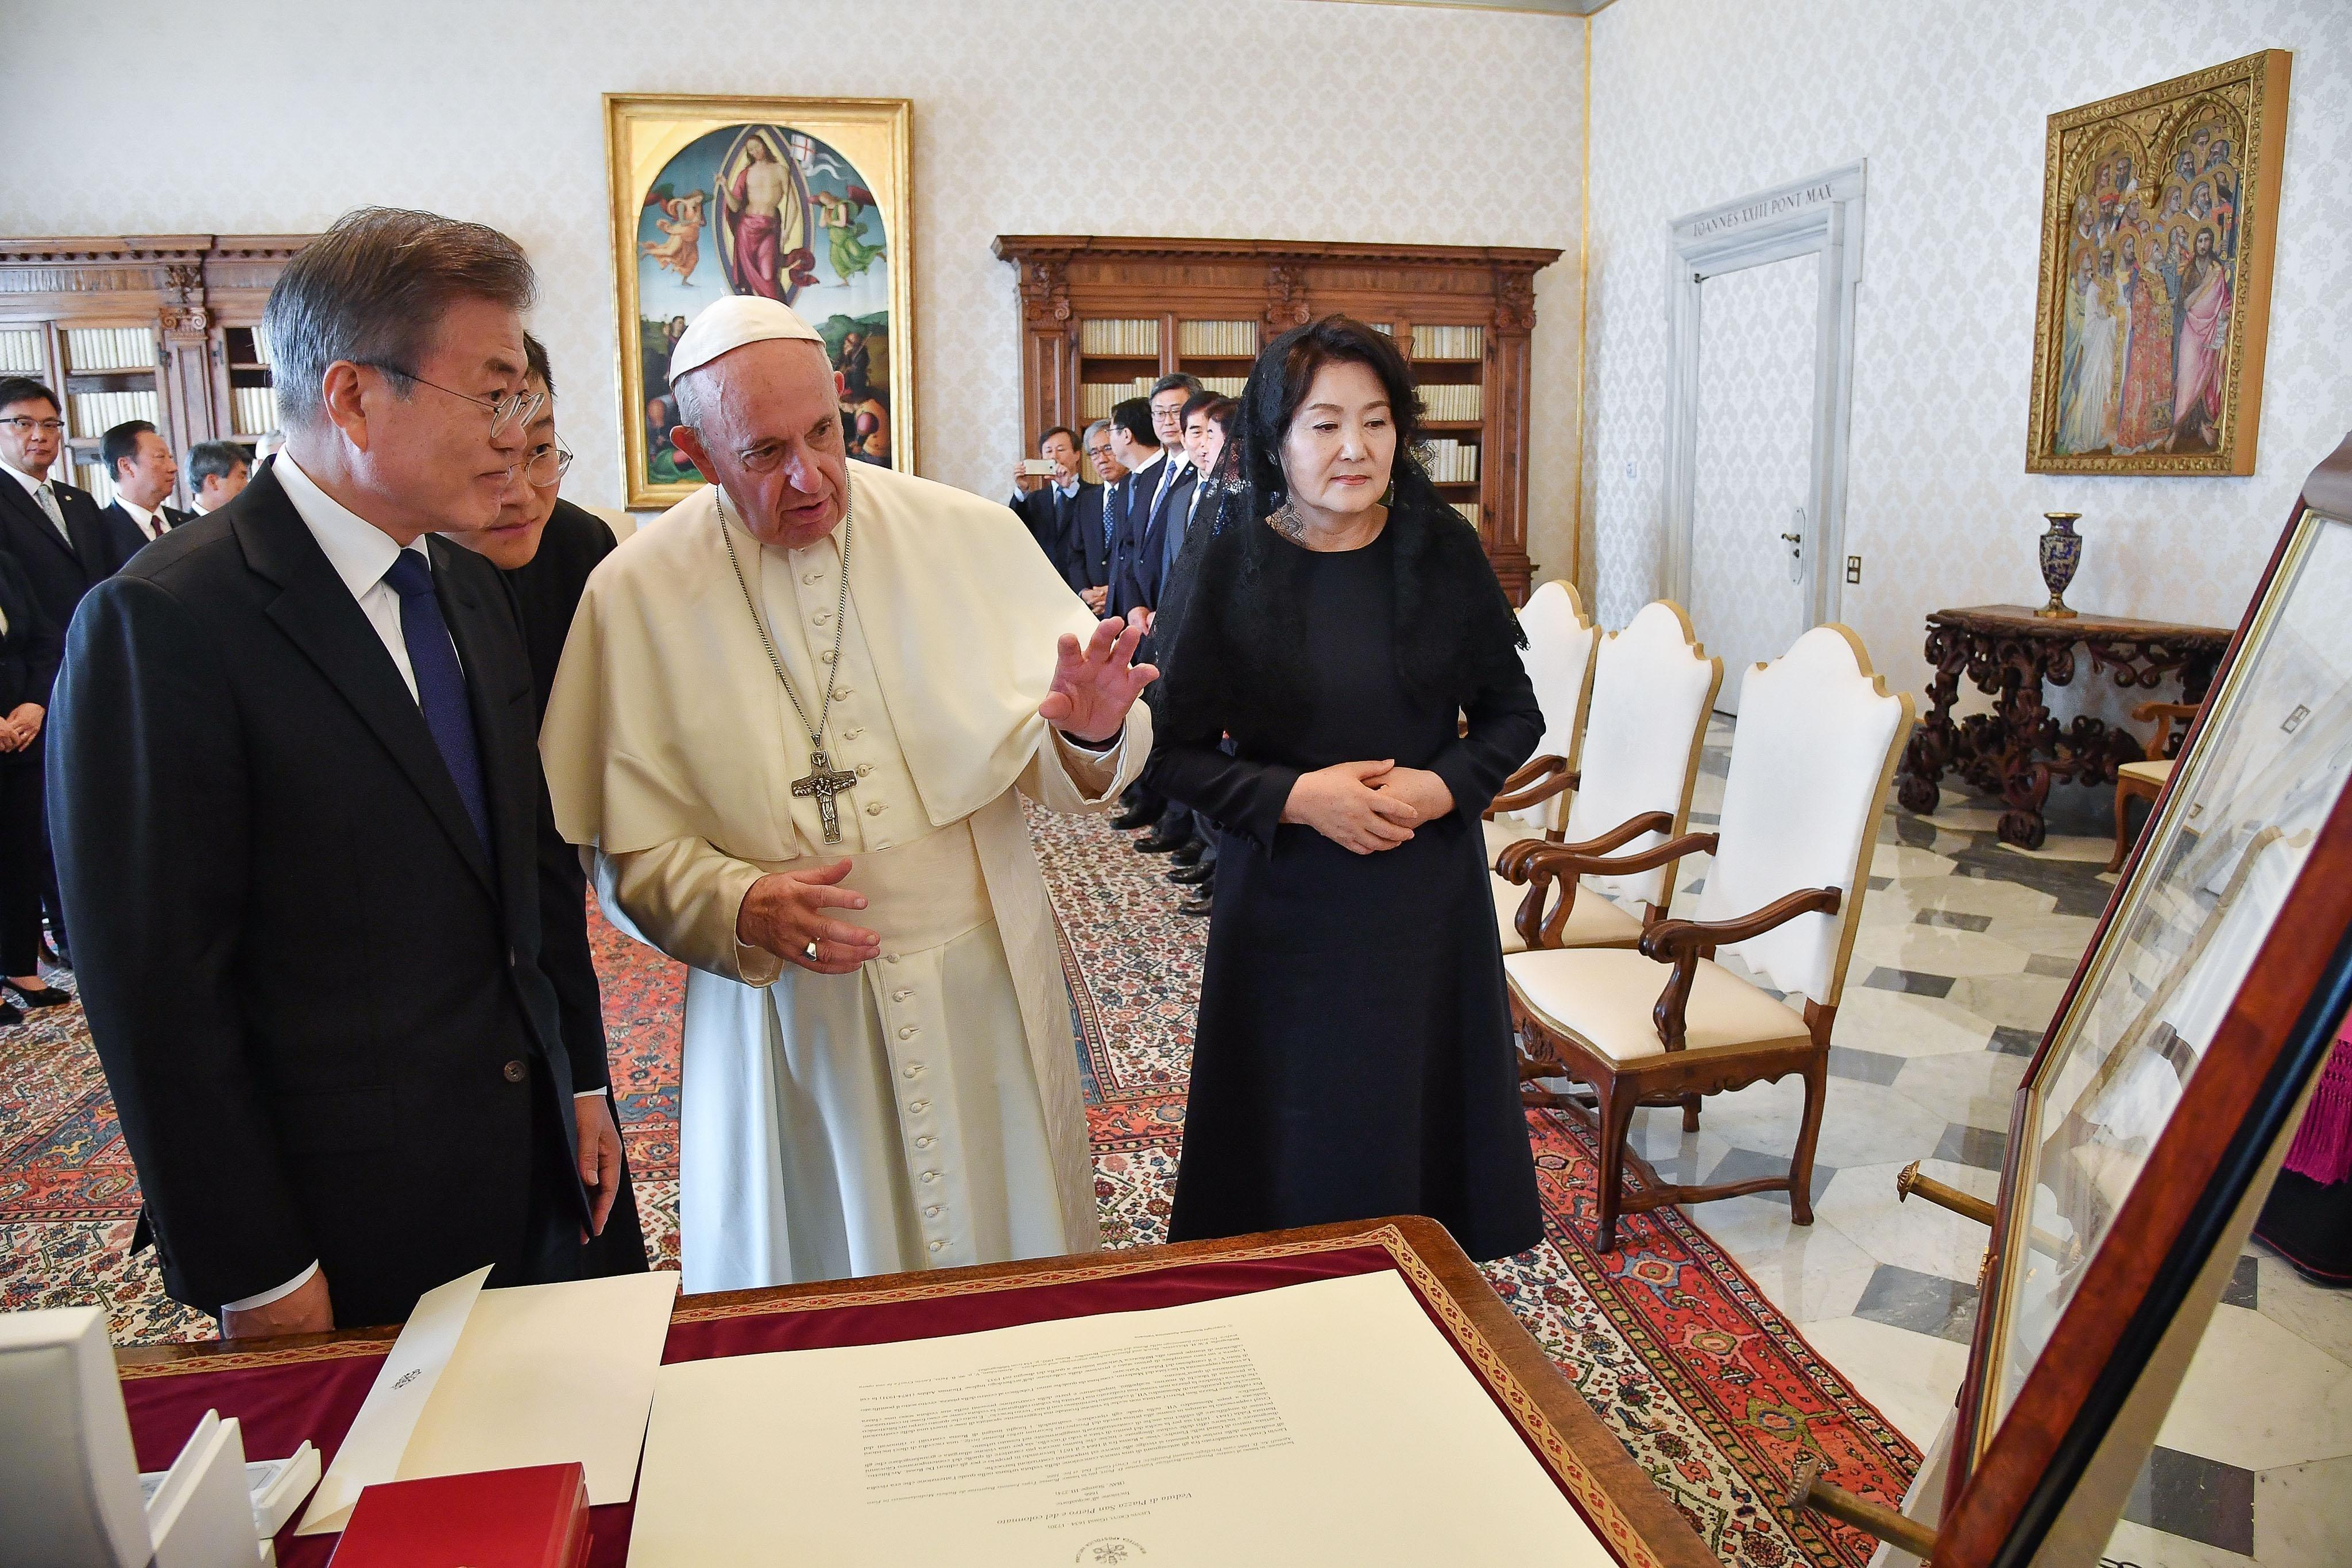 교황 방북은 문대통령이 둔 '신의 한 수'라는 평가가